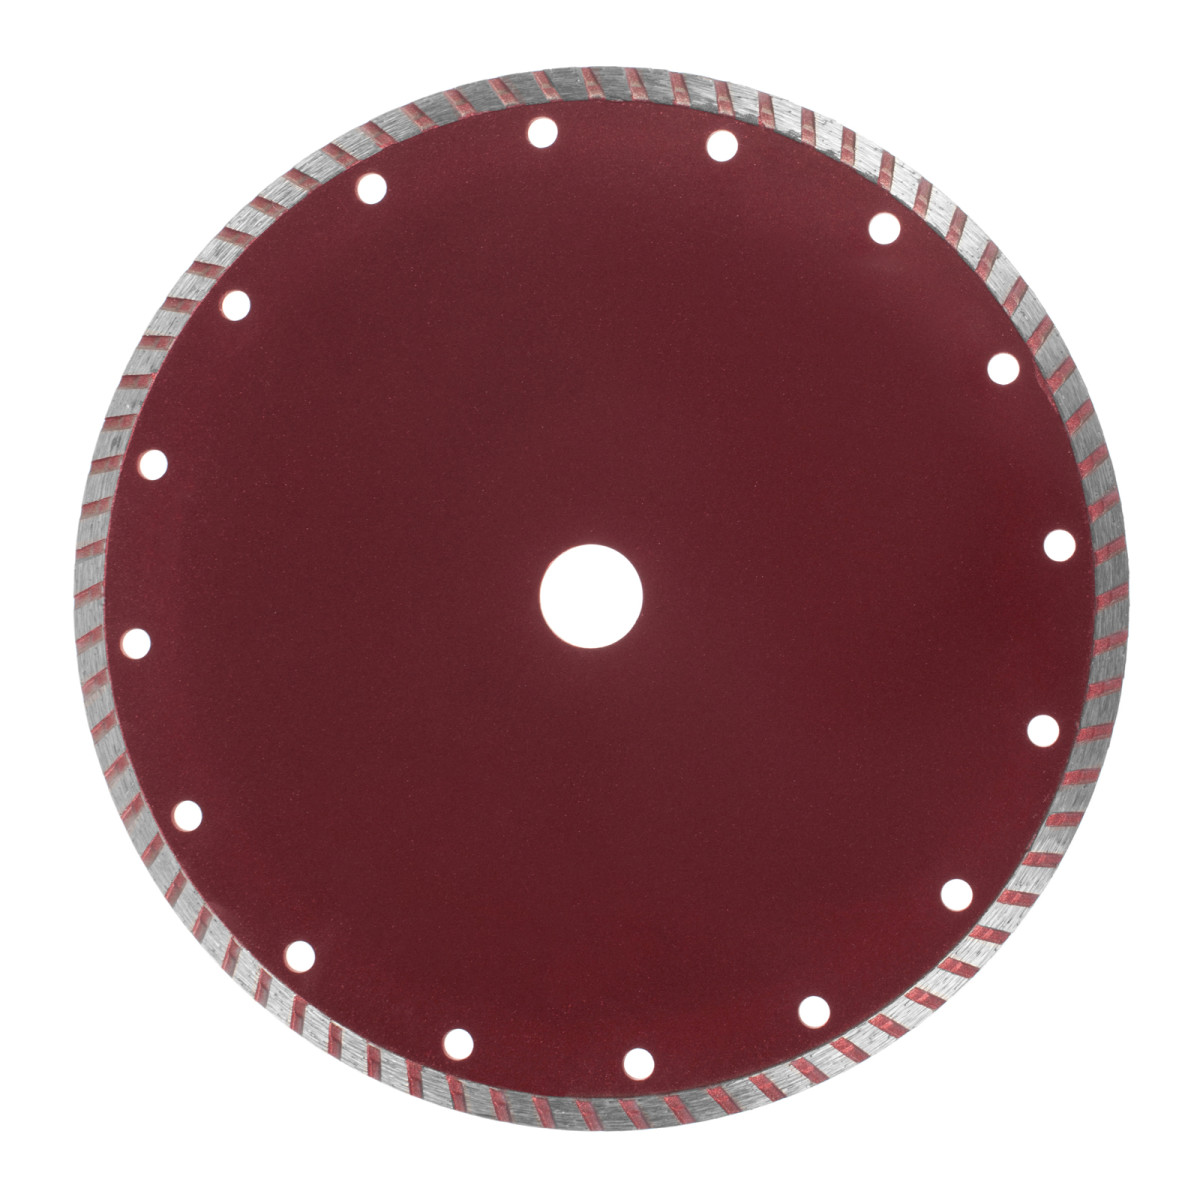 Диск Алмазный Ремоколор 200Х222 37-2-111